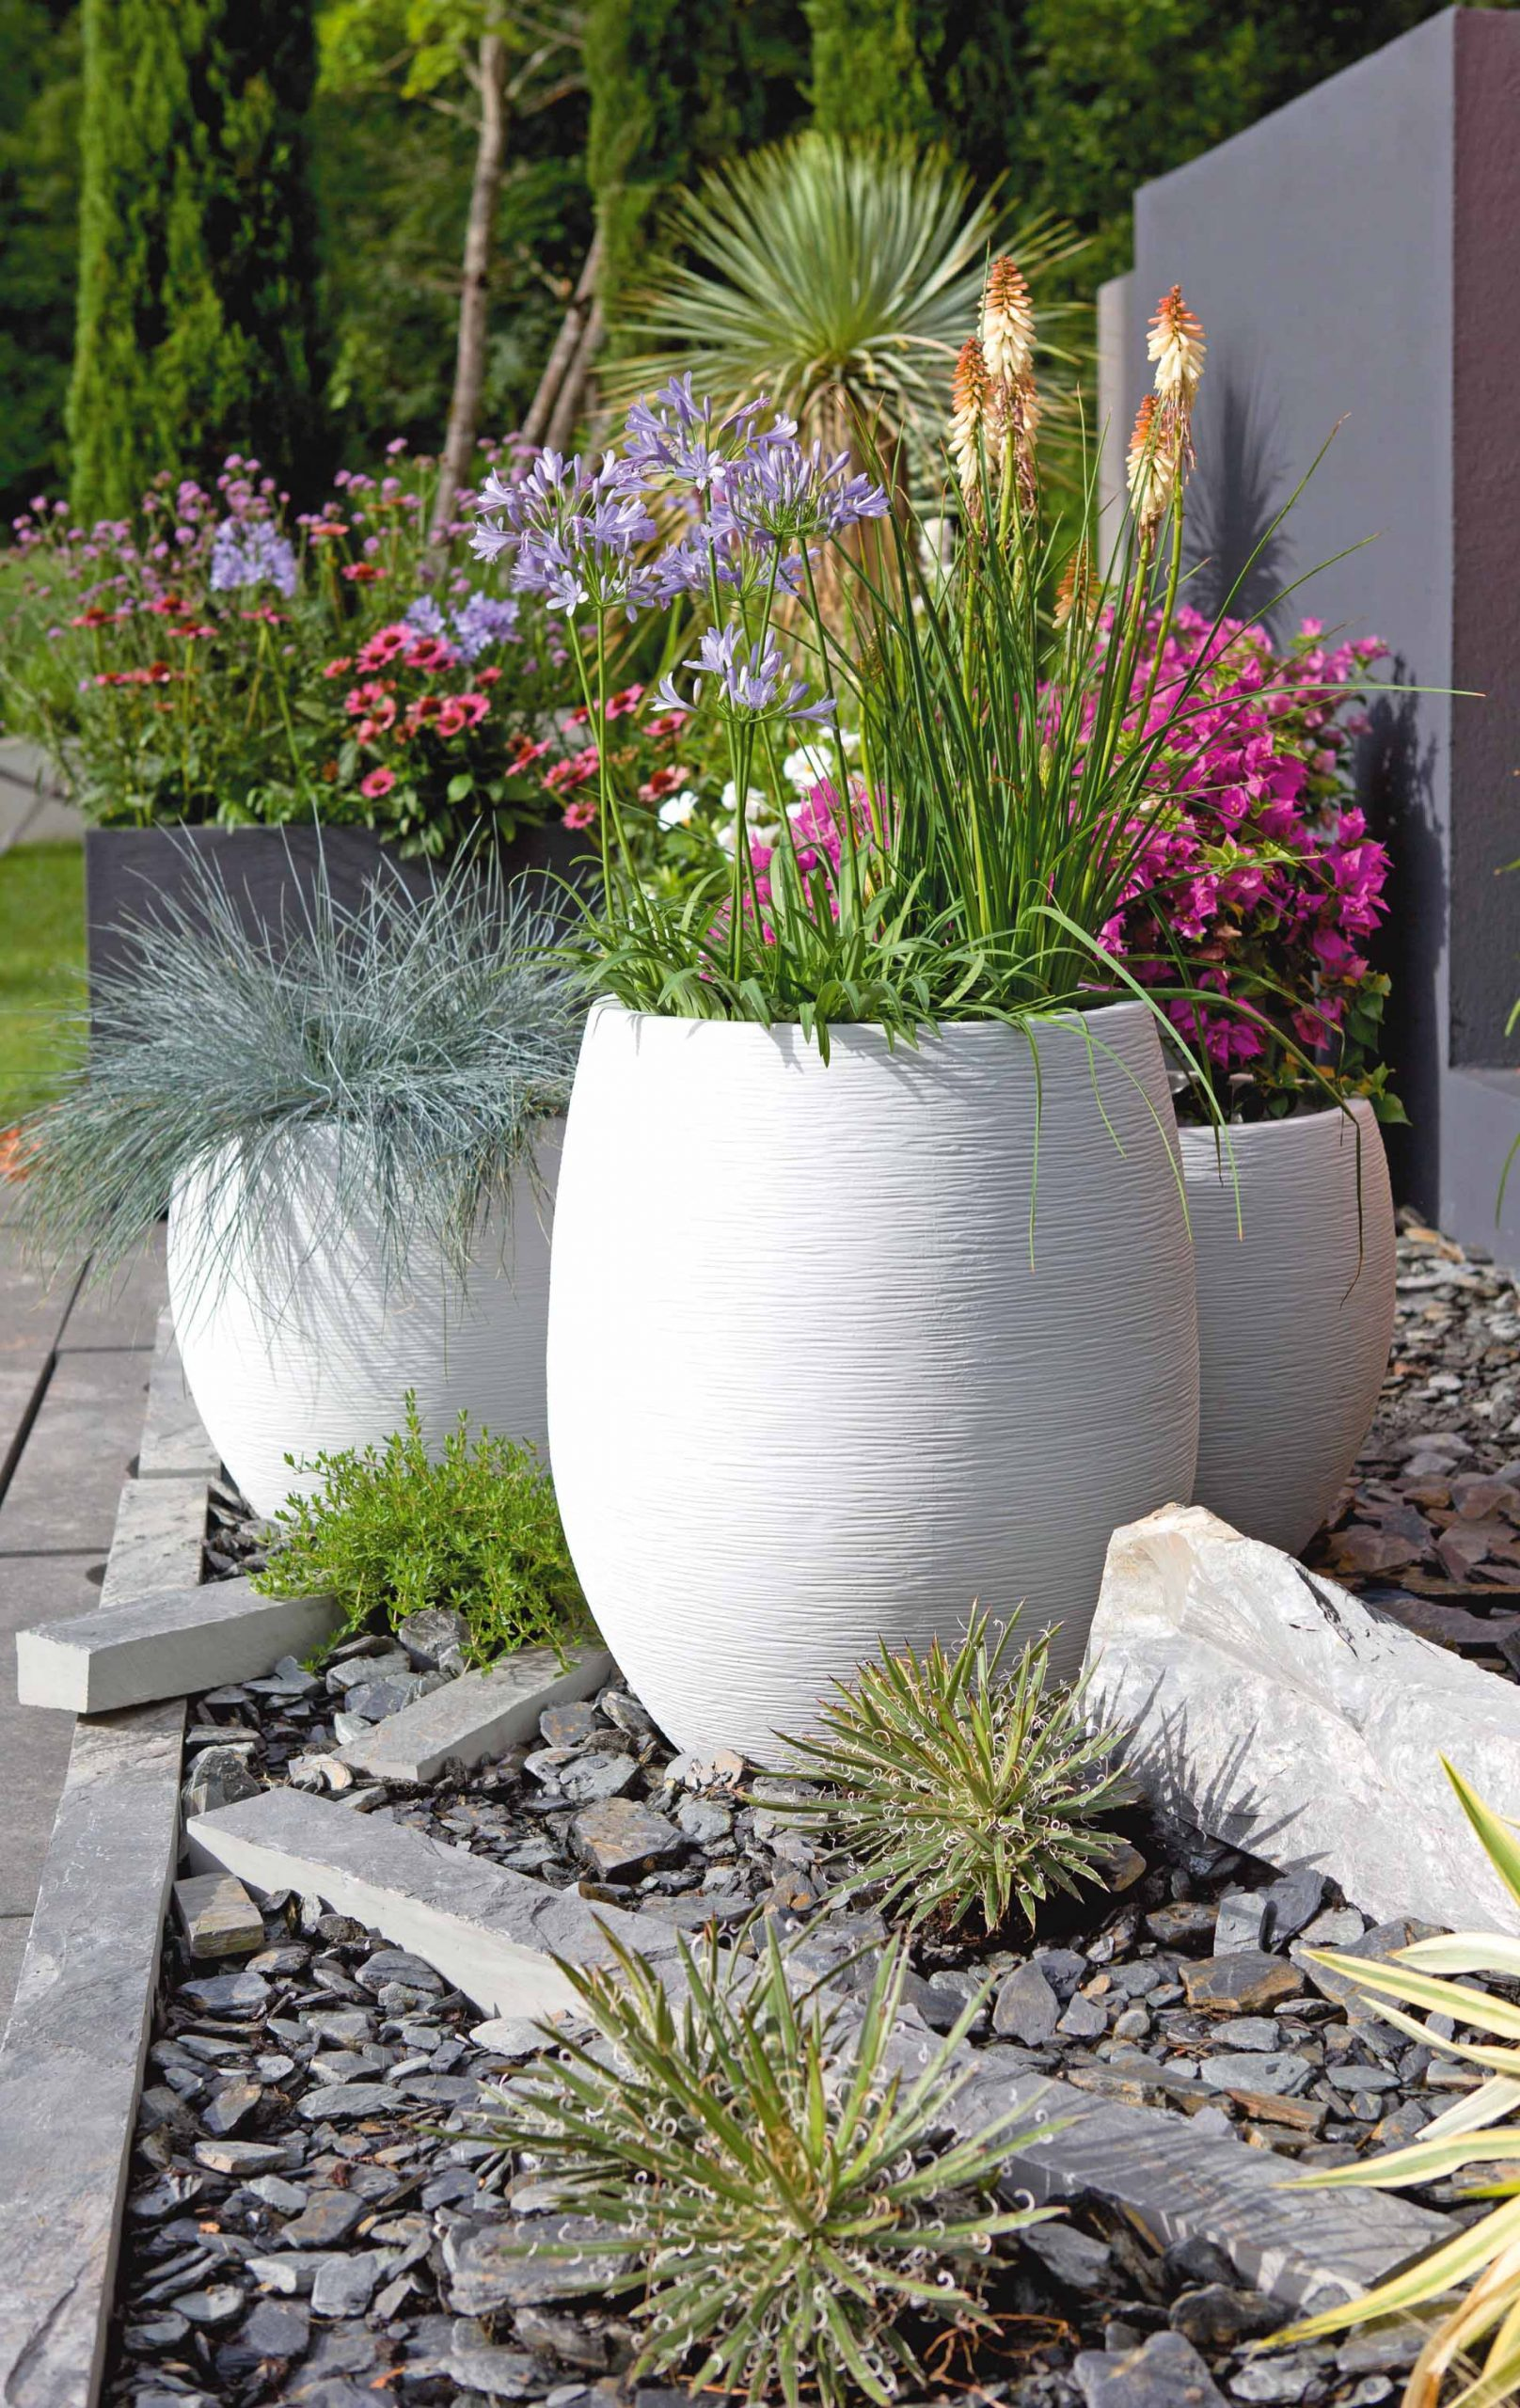 Idées De Décos Pour Le Jardin En Été intérieur Balancelle Jardin Ikea